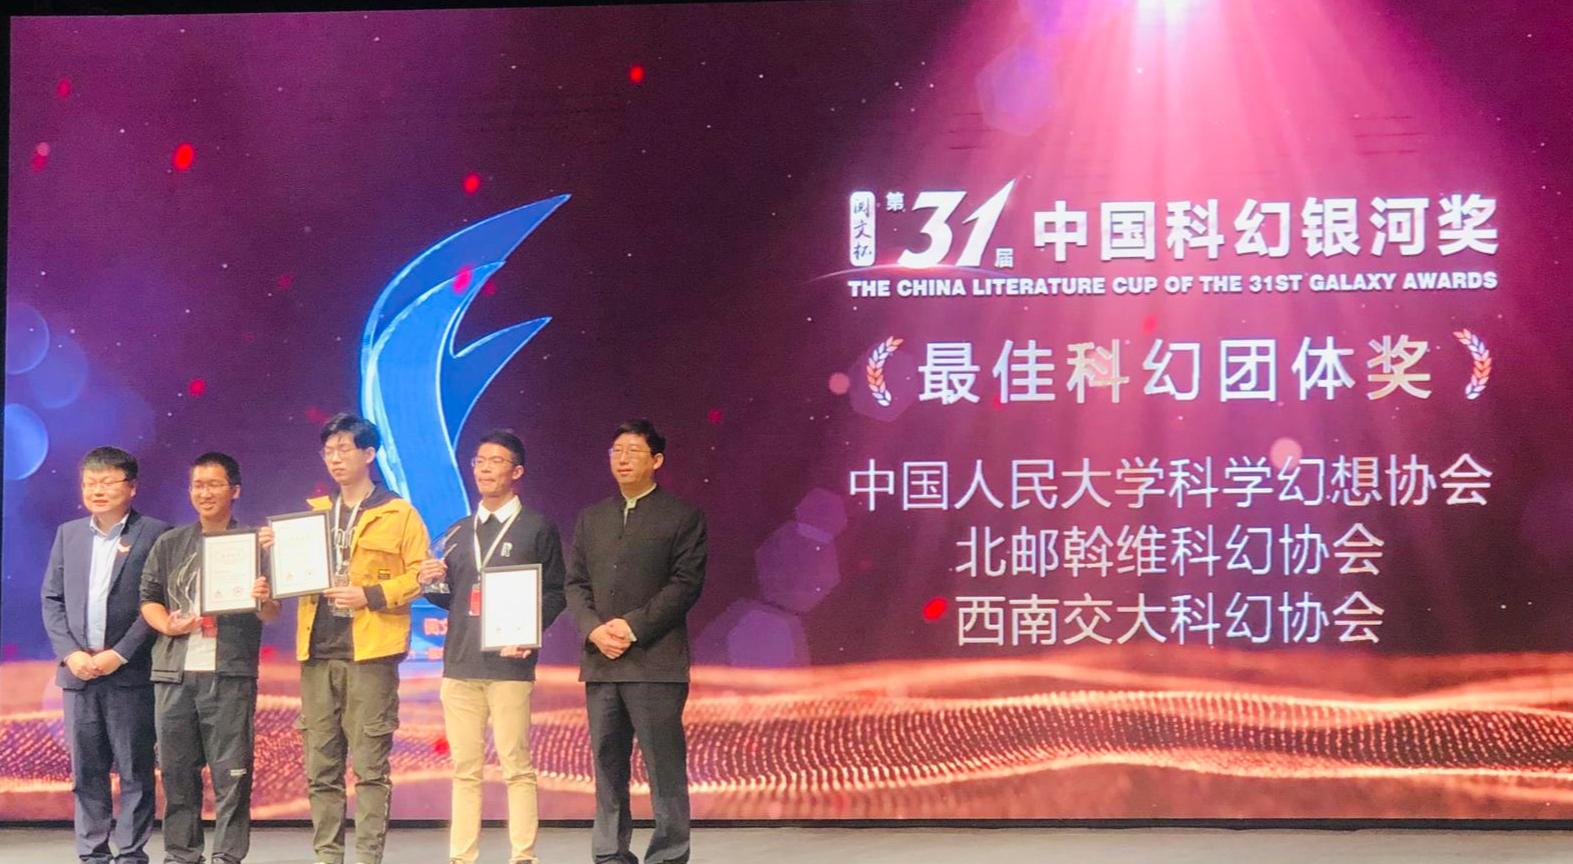 第31届中国科幻银河奖揭晓:《宇宙晶卵》《人生算法》《龙蛋》《科幻编年史》等获奖